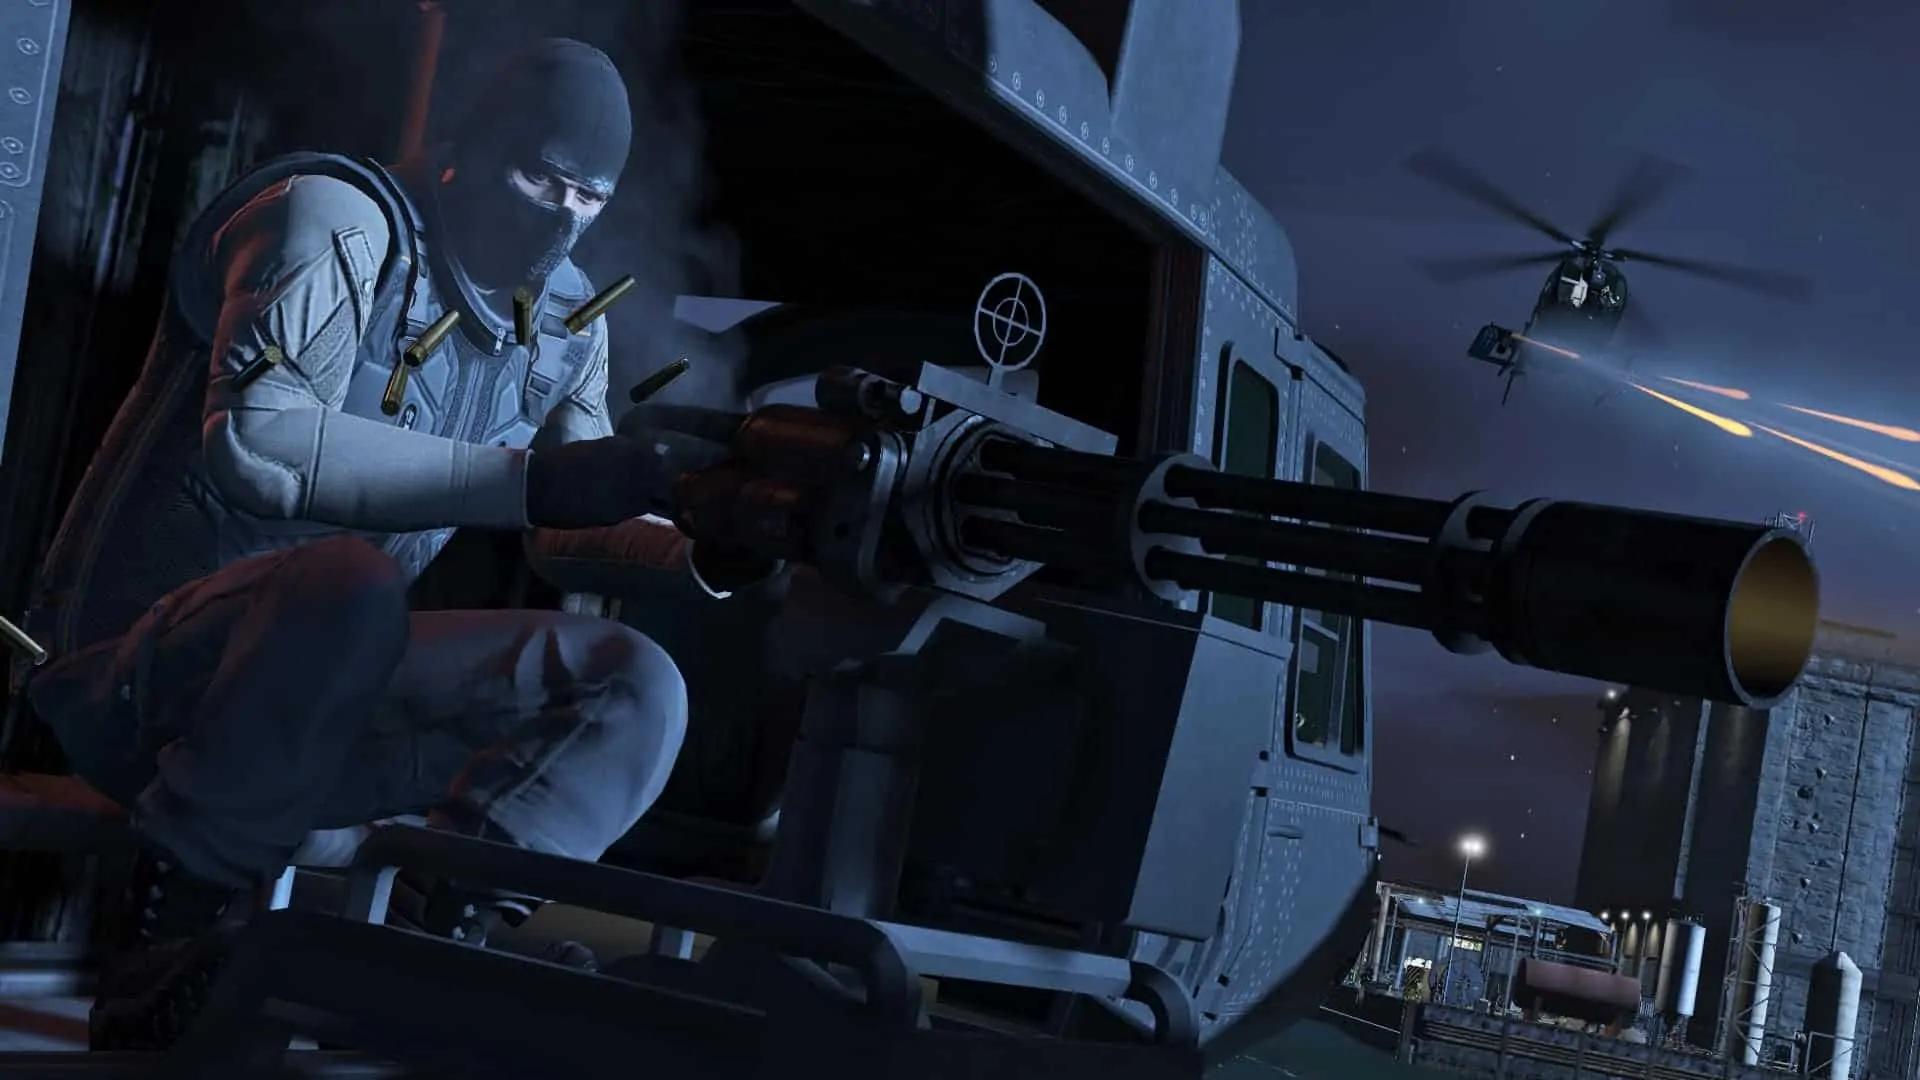 GTA-Online-heists-new-screenshot-7